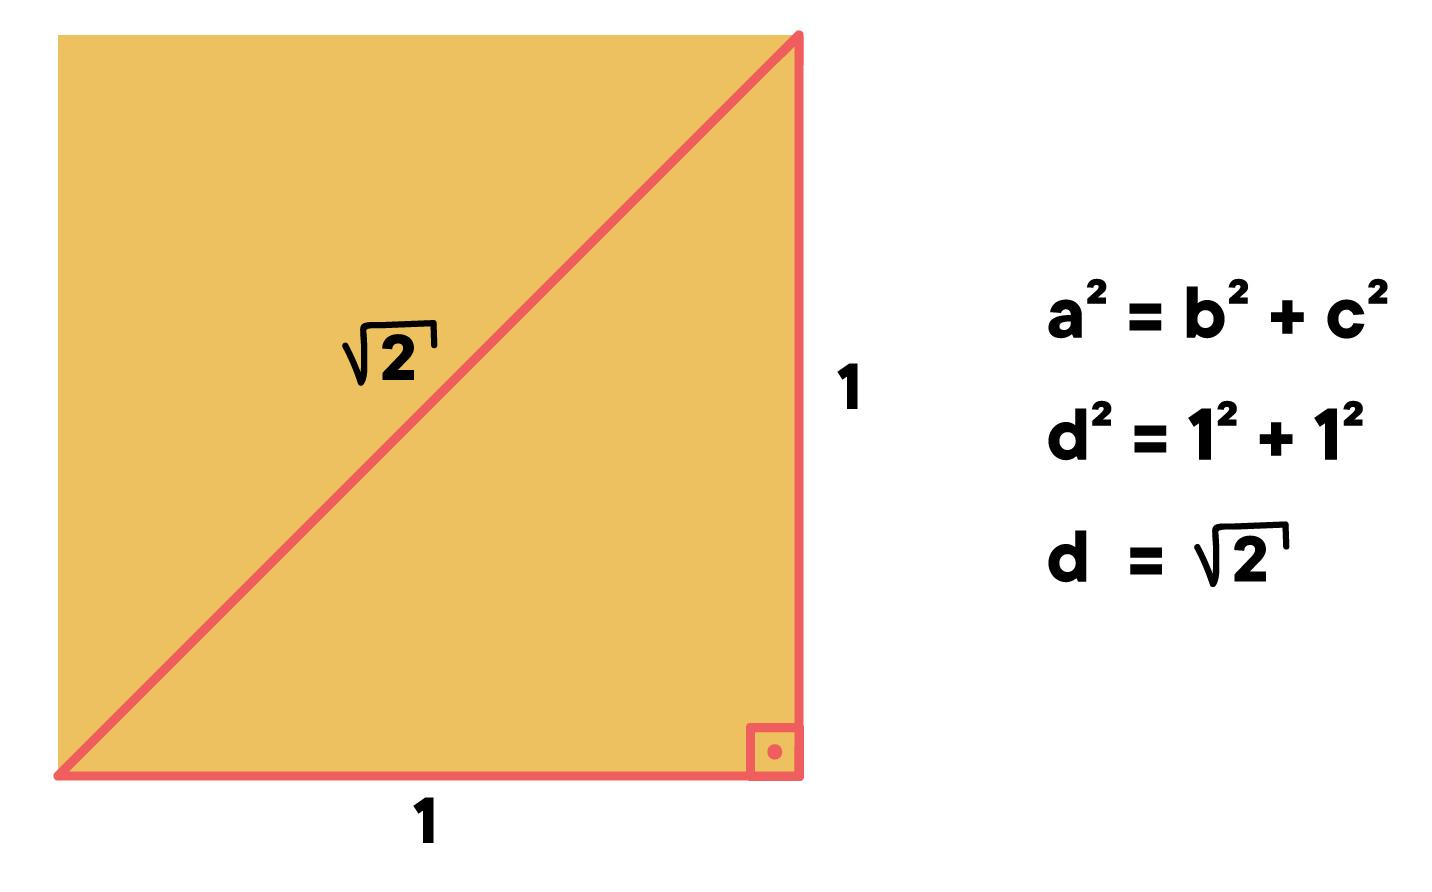 teorema de Pitágoras é utilizado para calcular a medida da diagonal do quadrado de lado 1 e o resultado é raiz quadrada de 2